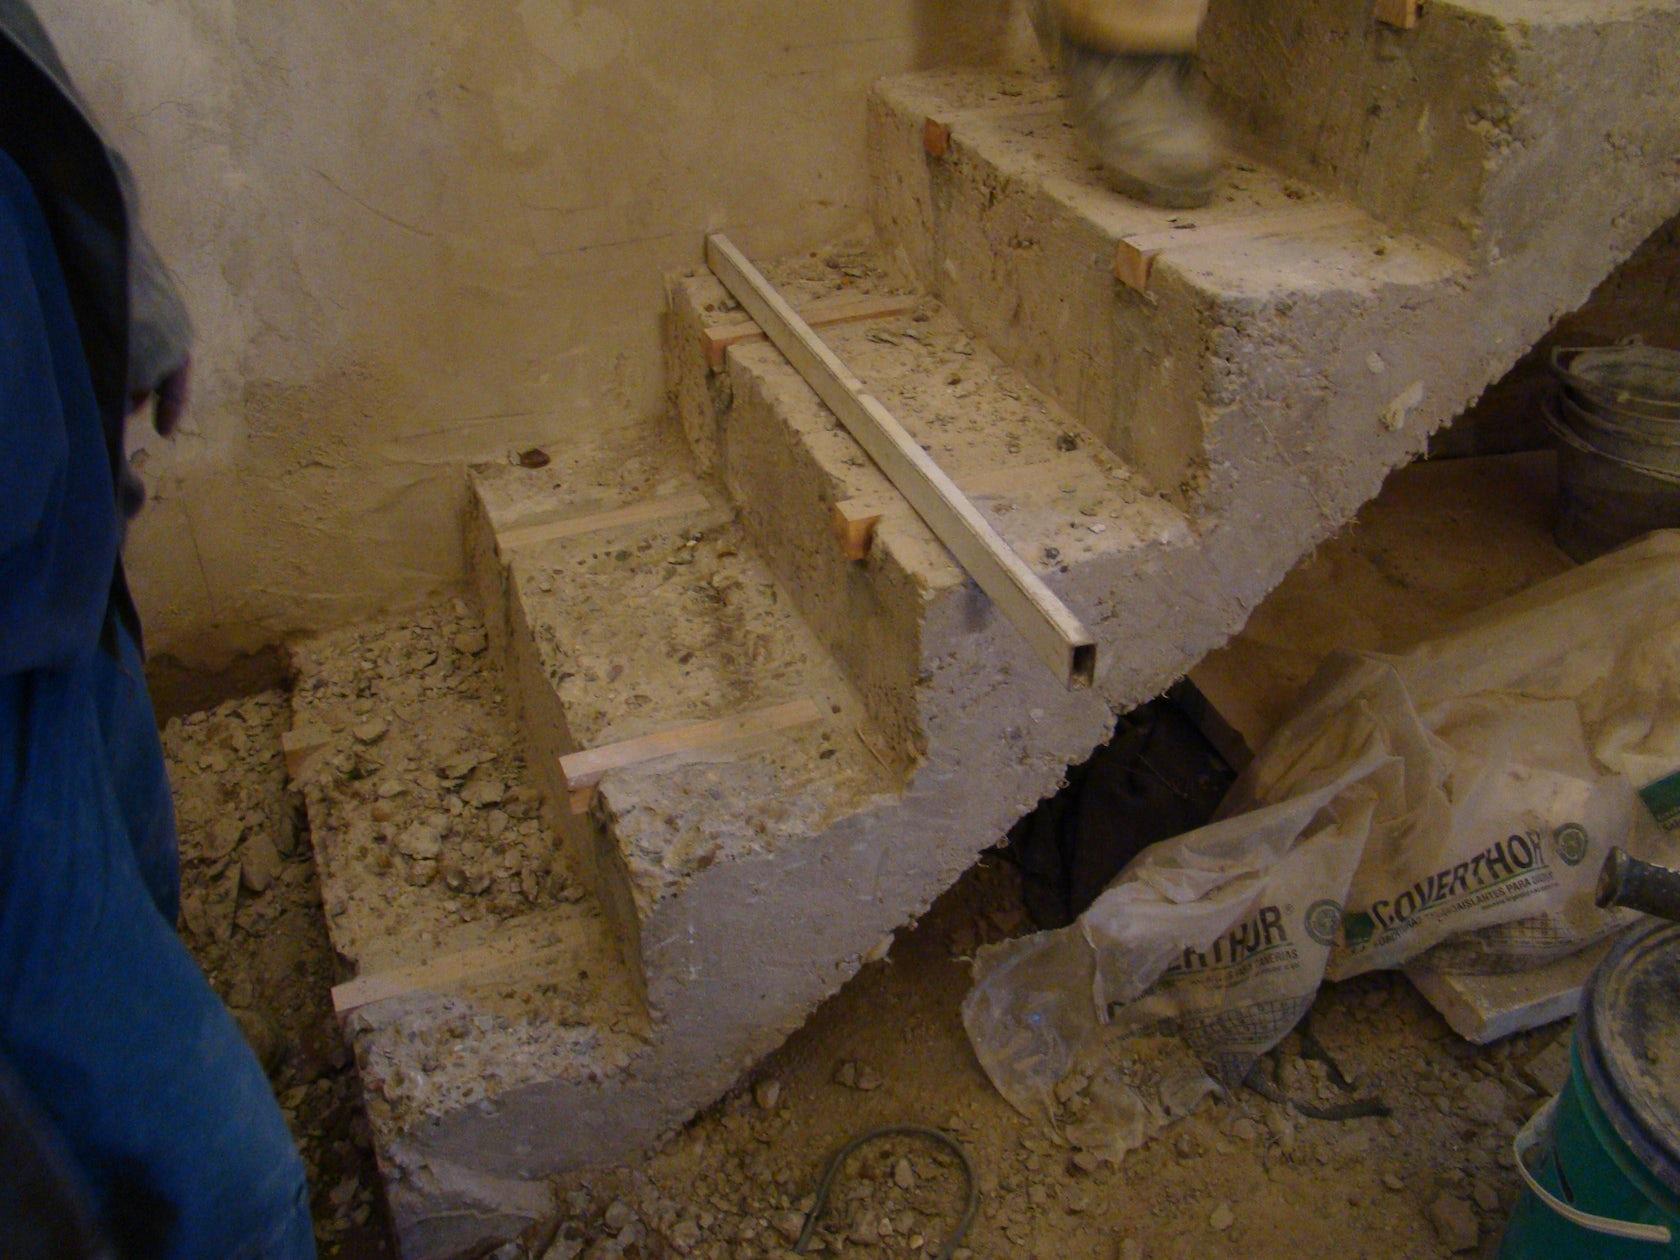 Construcci n de una escalera de hormig n architizer for Construccion de una escalera de hormigon